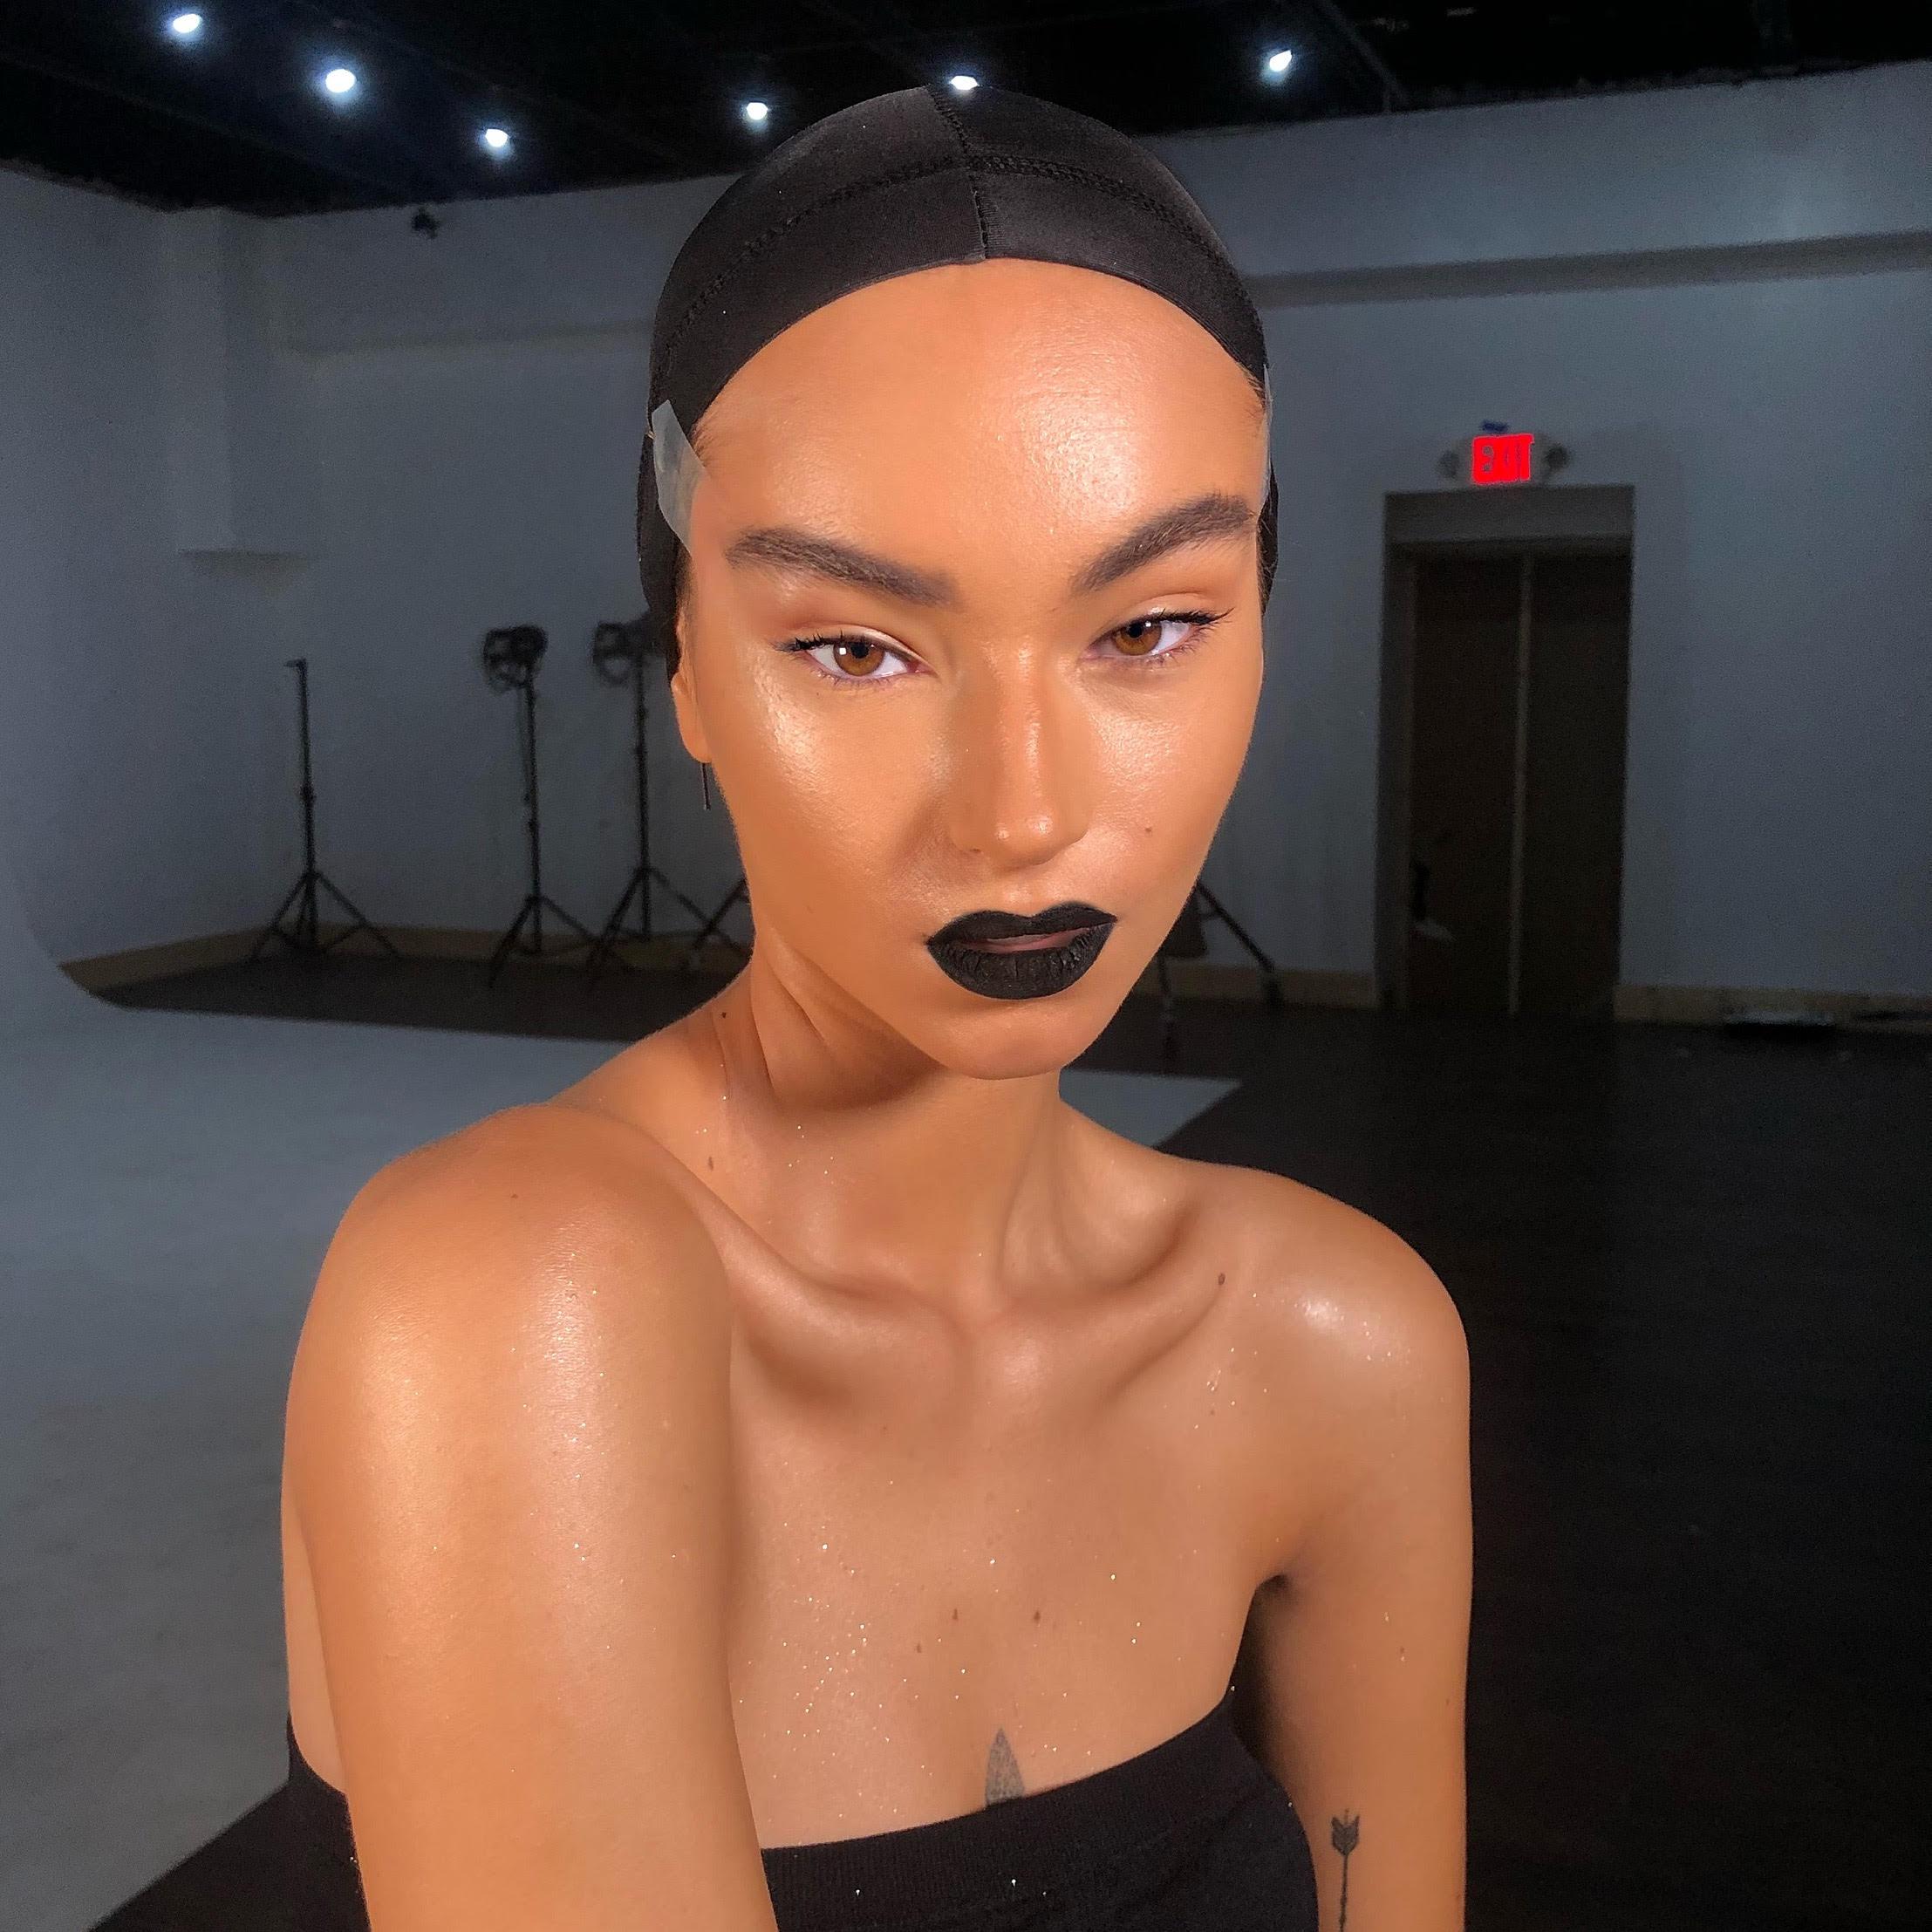 Model: Denisa Bauer